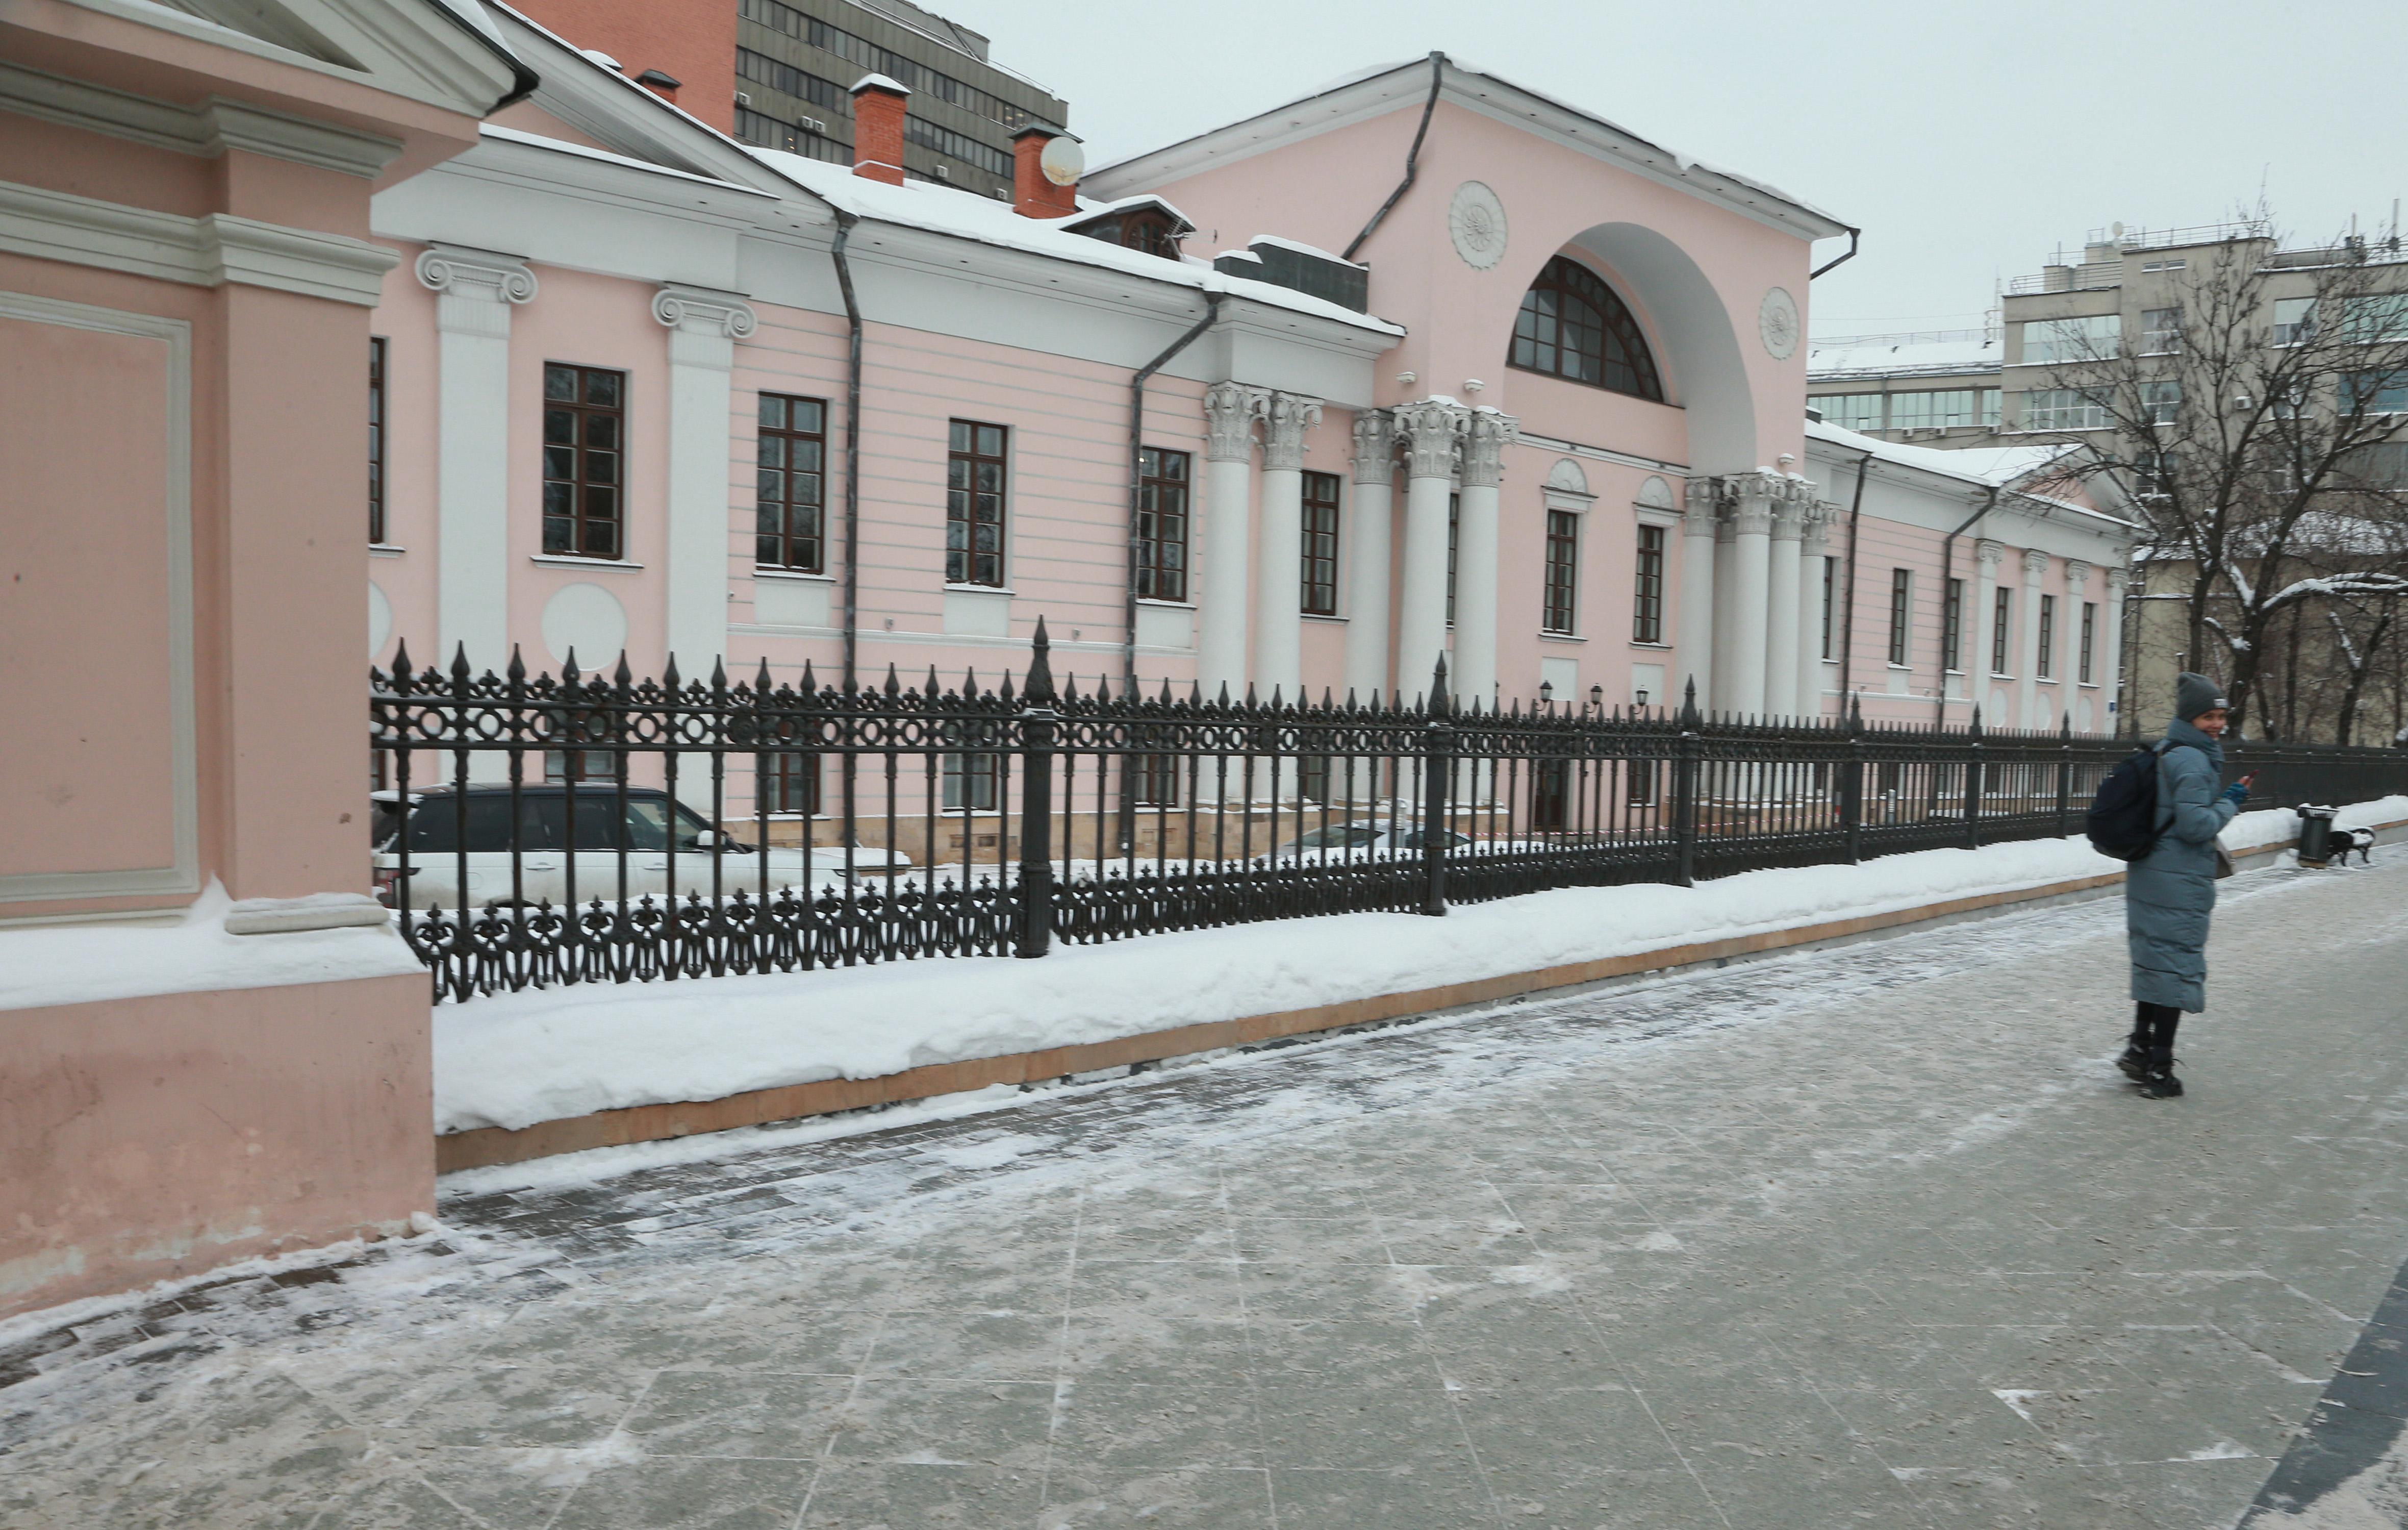 20 января 2021 года. Особняк Лобанова Ростовского. Он отдан под офисы и большую часть года закрыт для экскурсий. Фото: Наталия Нечаева